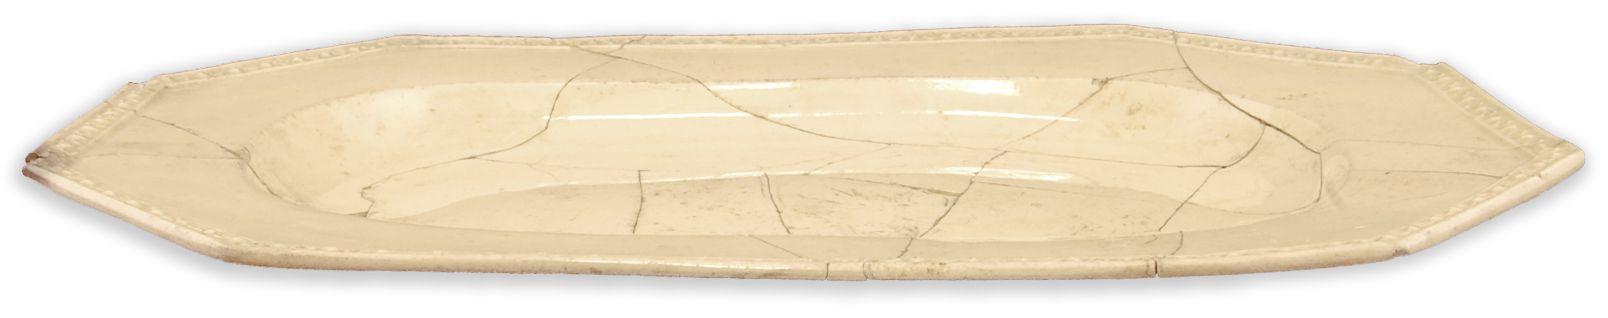 Plat de serviceMCC/LRAQ, photo: Aurélie DesgensLatrines de la maison Boisseau. Vers 1761-1810Terre cuite fine de type creamware, Angleterre. De forme oblongue octogonale avec décor de diamants.